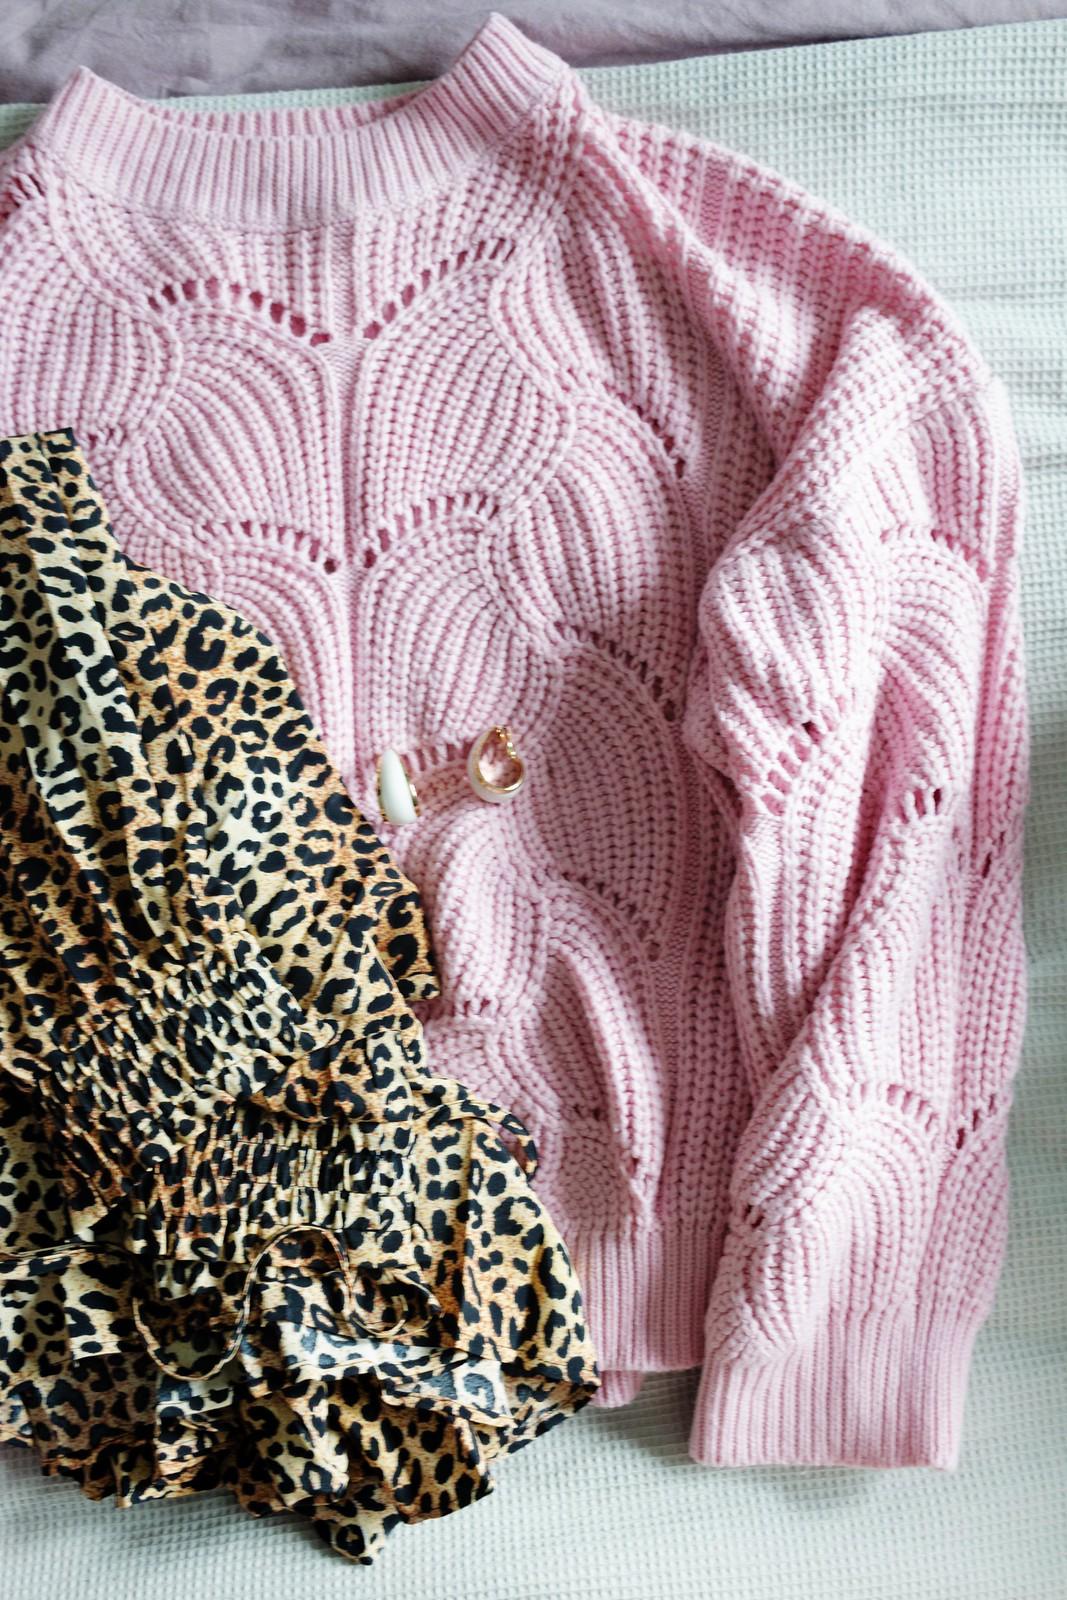 039ac9cf2bf6 Projekt garderob är igång och jag försöker att hålla mig till kläder som  går att kombinera på fler sätt en ett. Den leopardmönstrade kjolen gör sig  till ...